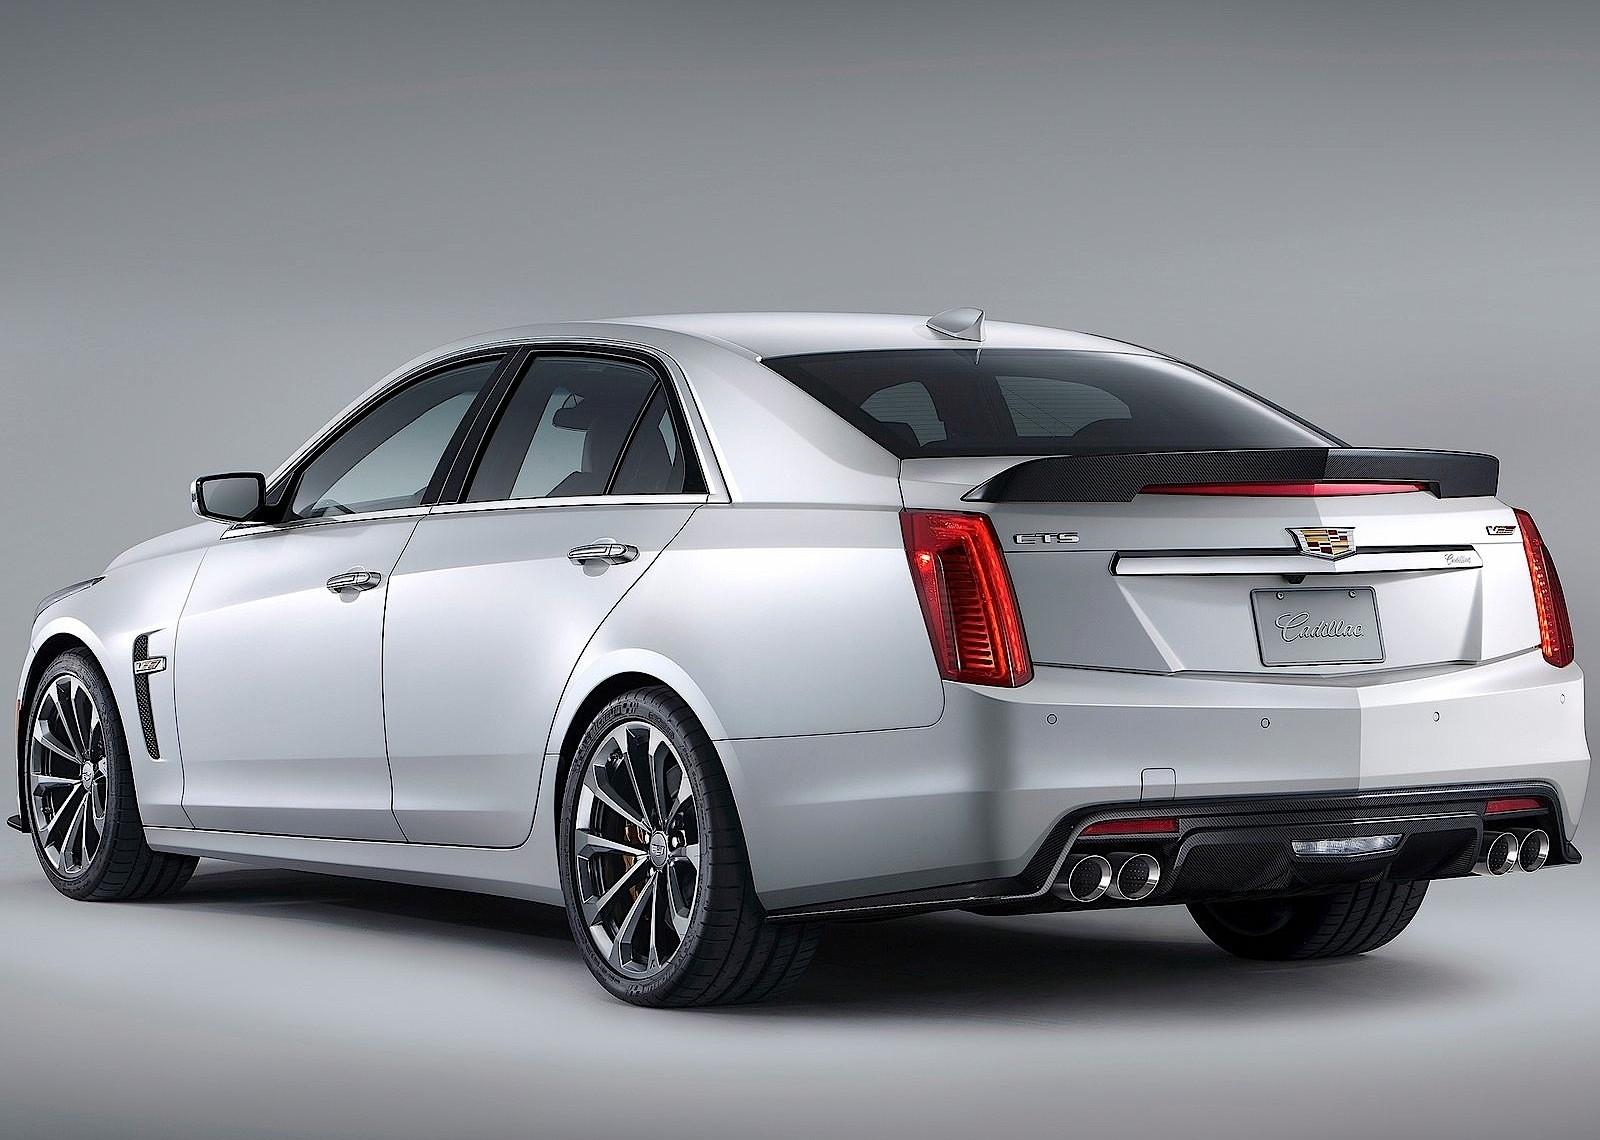 2017 Cadillac Sts >> CADILLAC CTS-V specs - 2015, 2016, 2017, 2018 - autoevolution